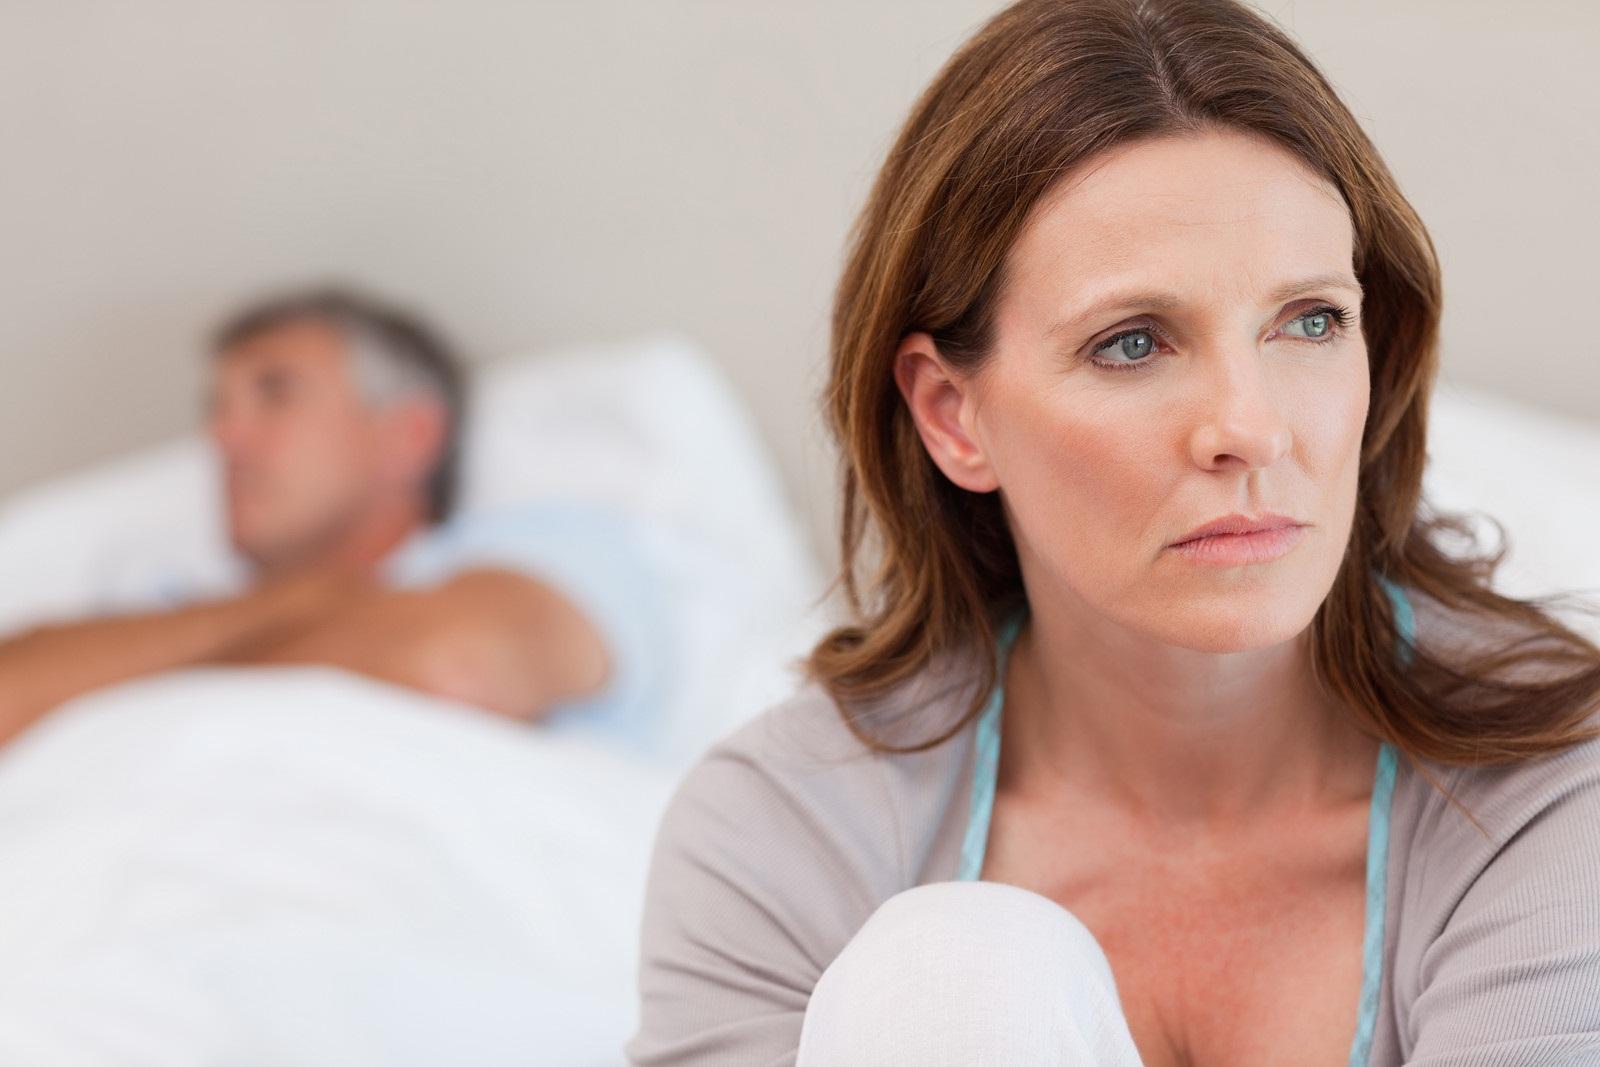 Снижение полового влечения вызывает болезни у женщин